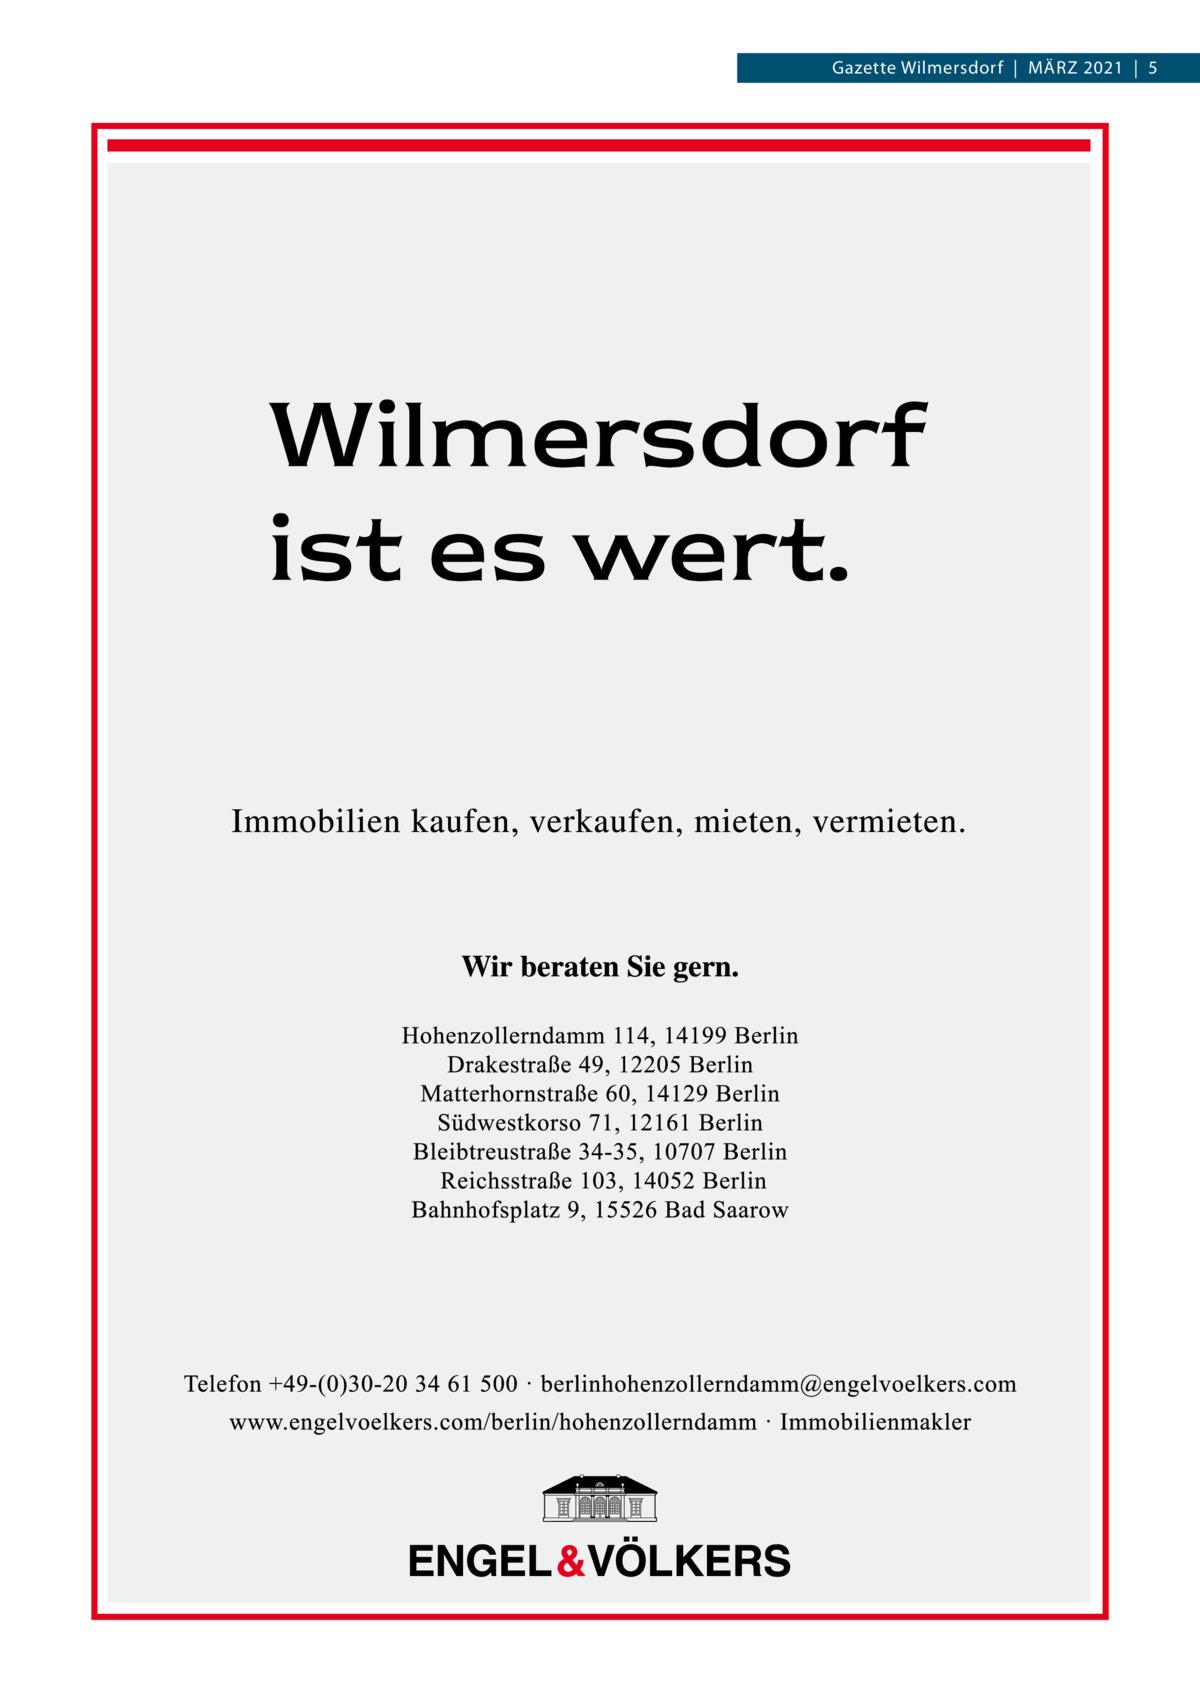 Gazette Wilmersdorf|März 2021|5